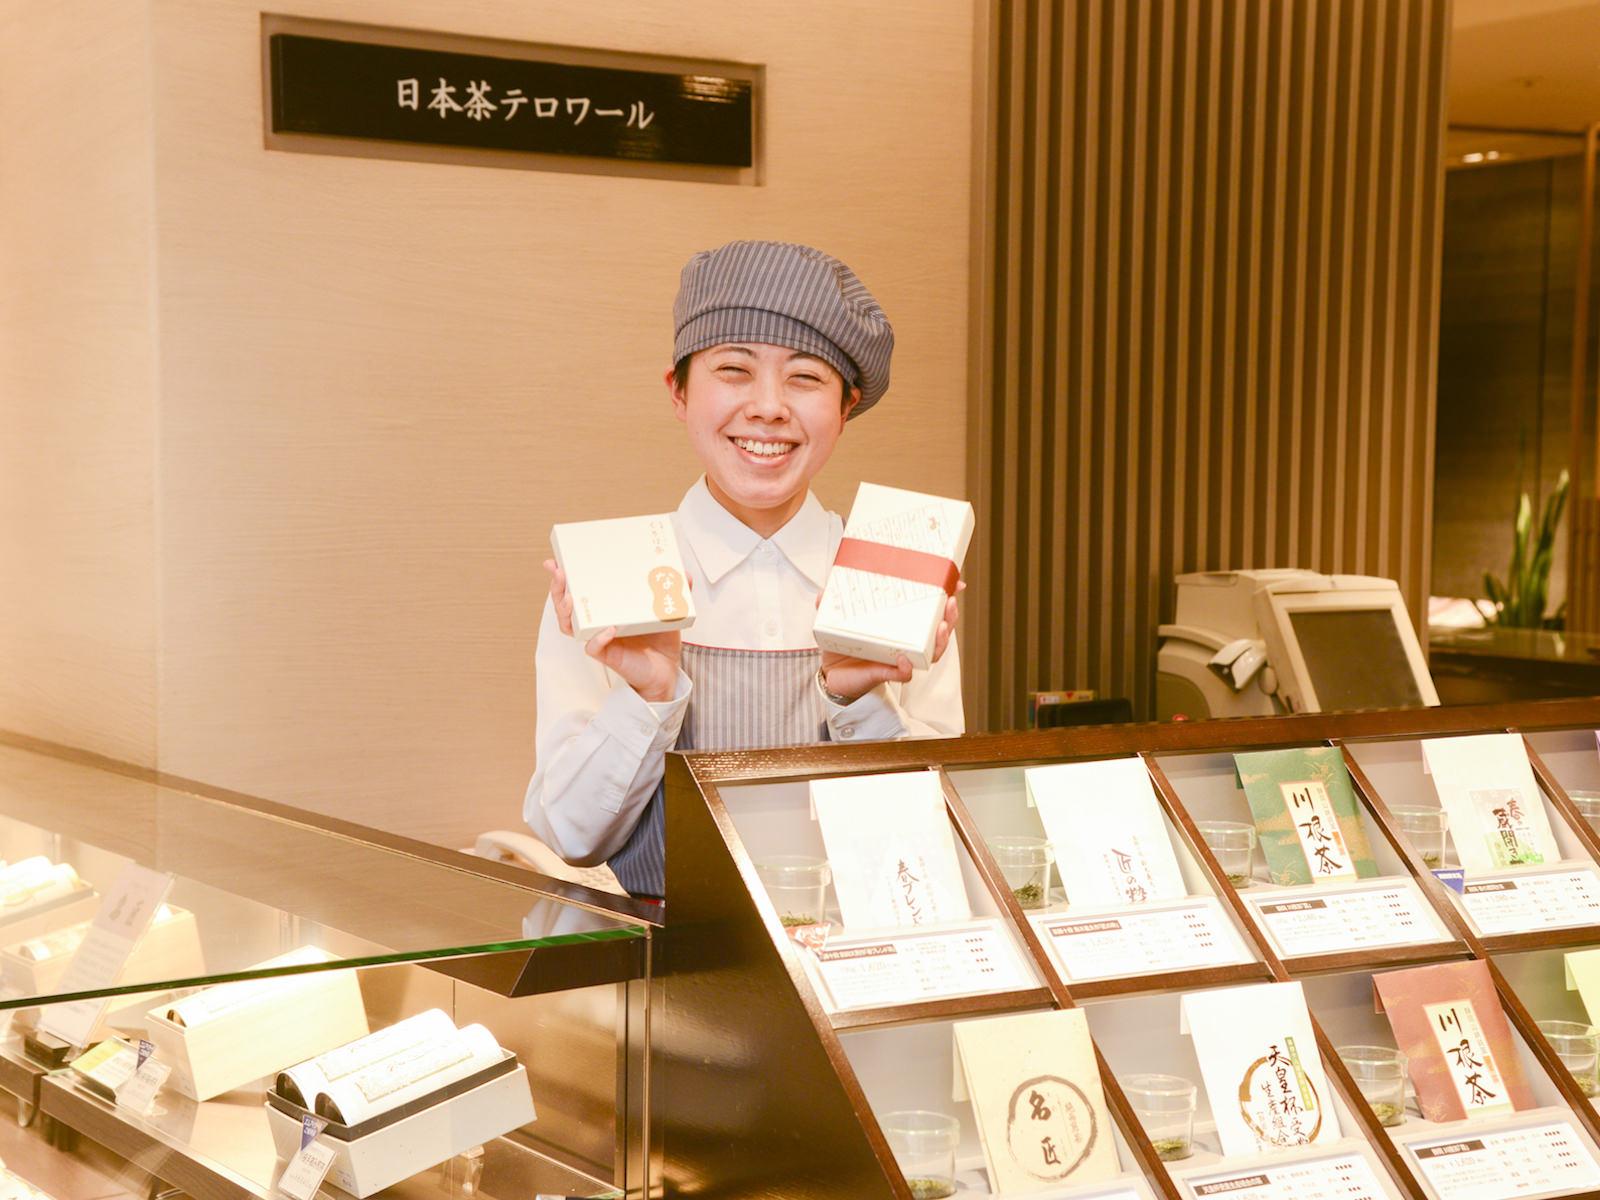 【連載】食品フロアスタッフが本気で勧める、あの店の「コレおいしい!」_1